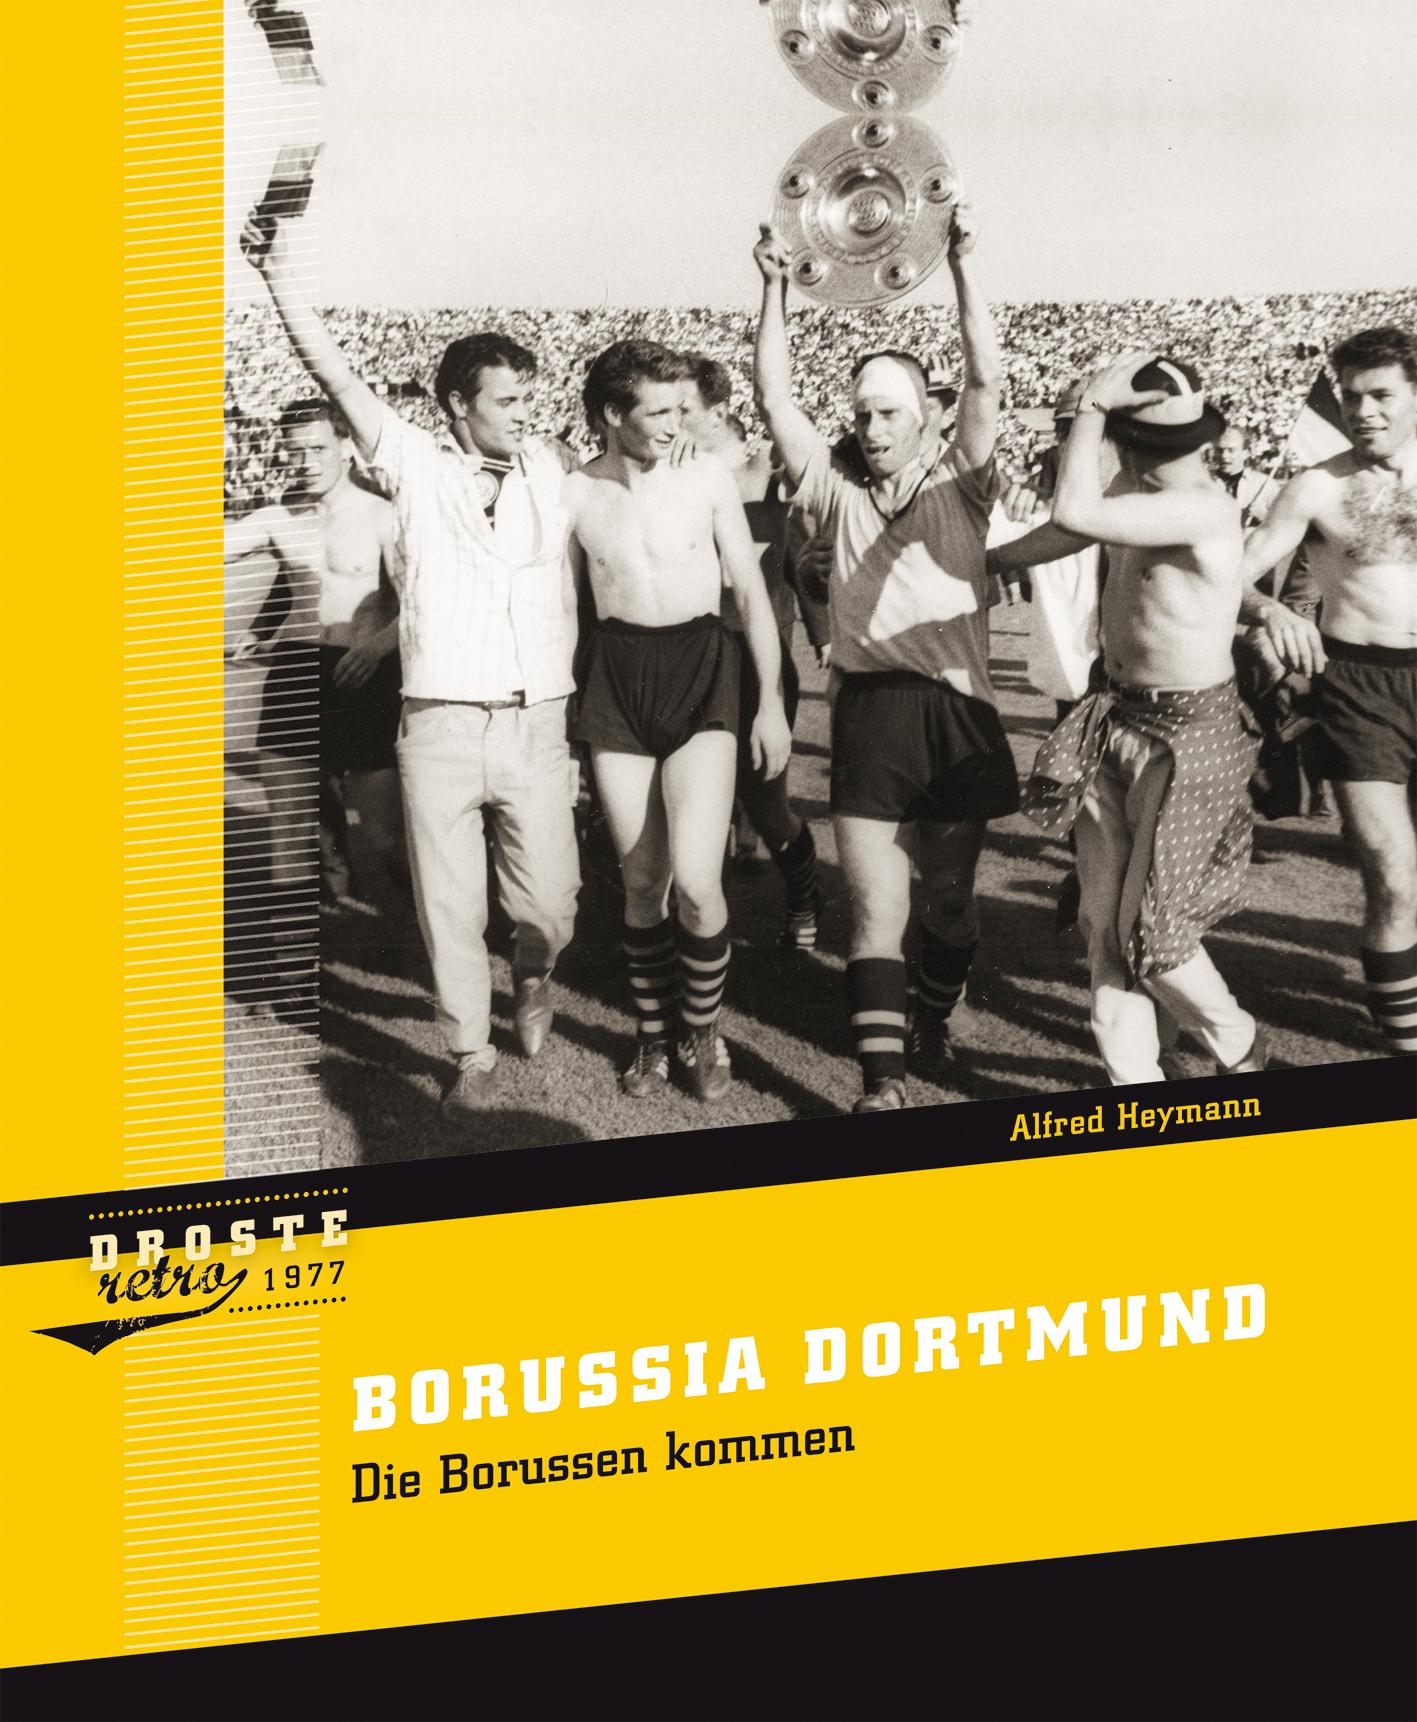 Borussia-Dortmund-Alfred-Heymann